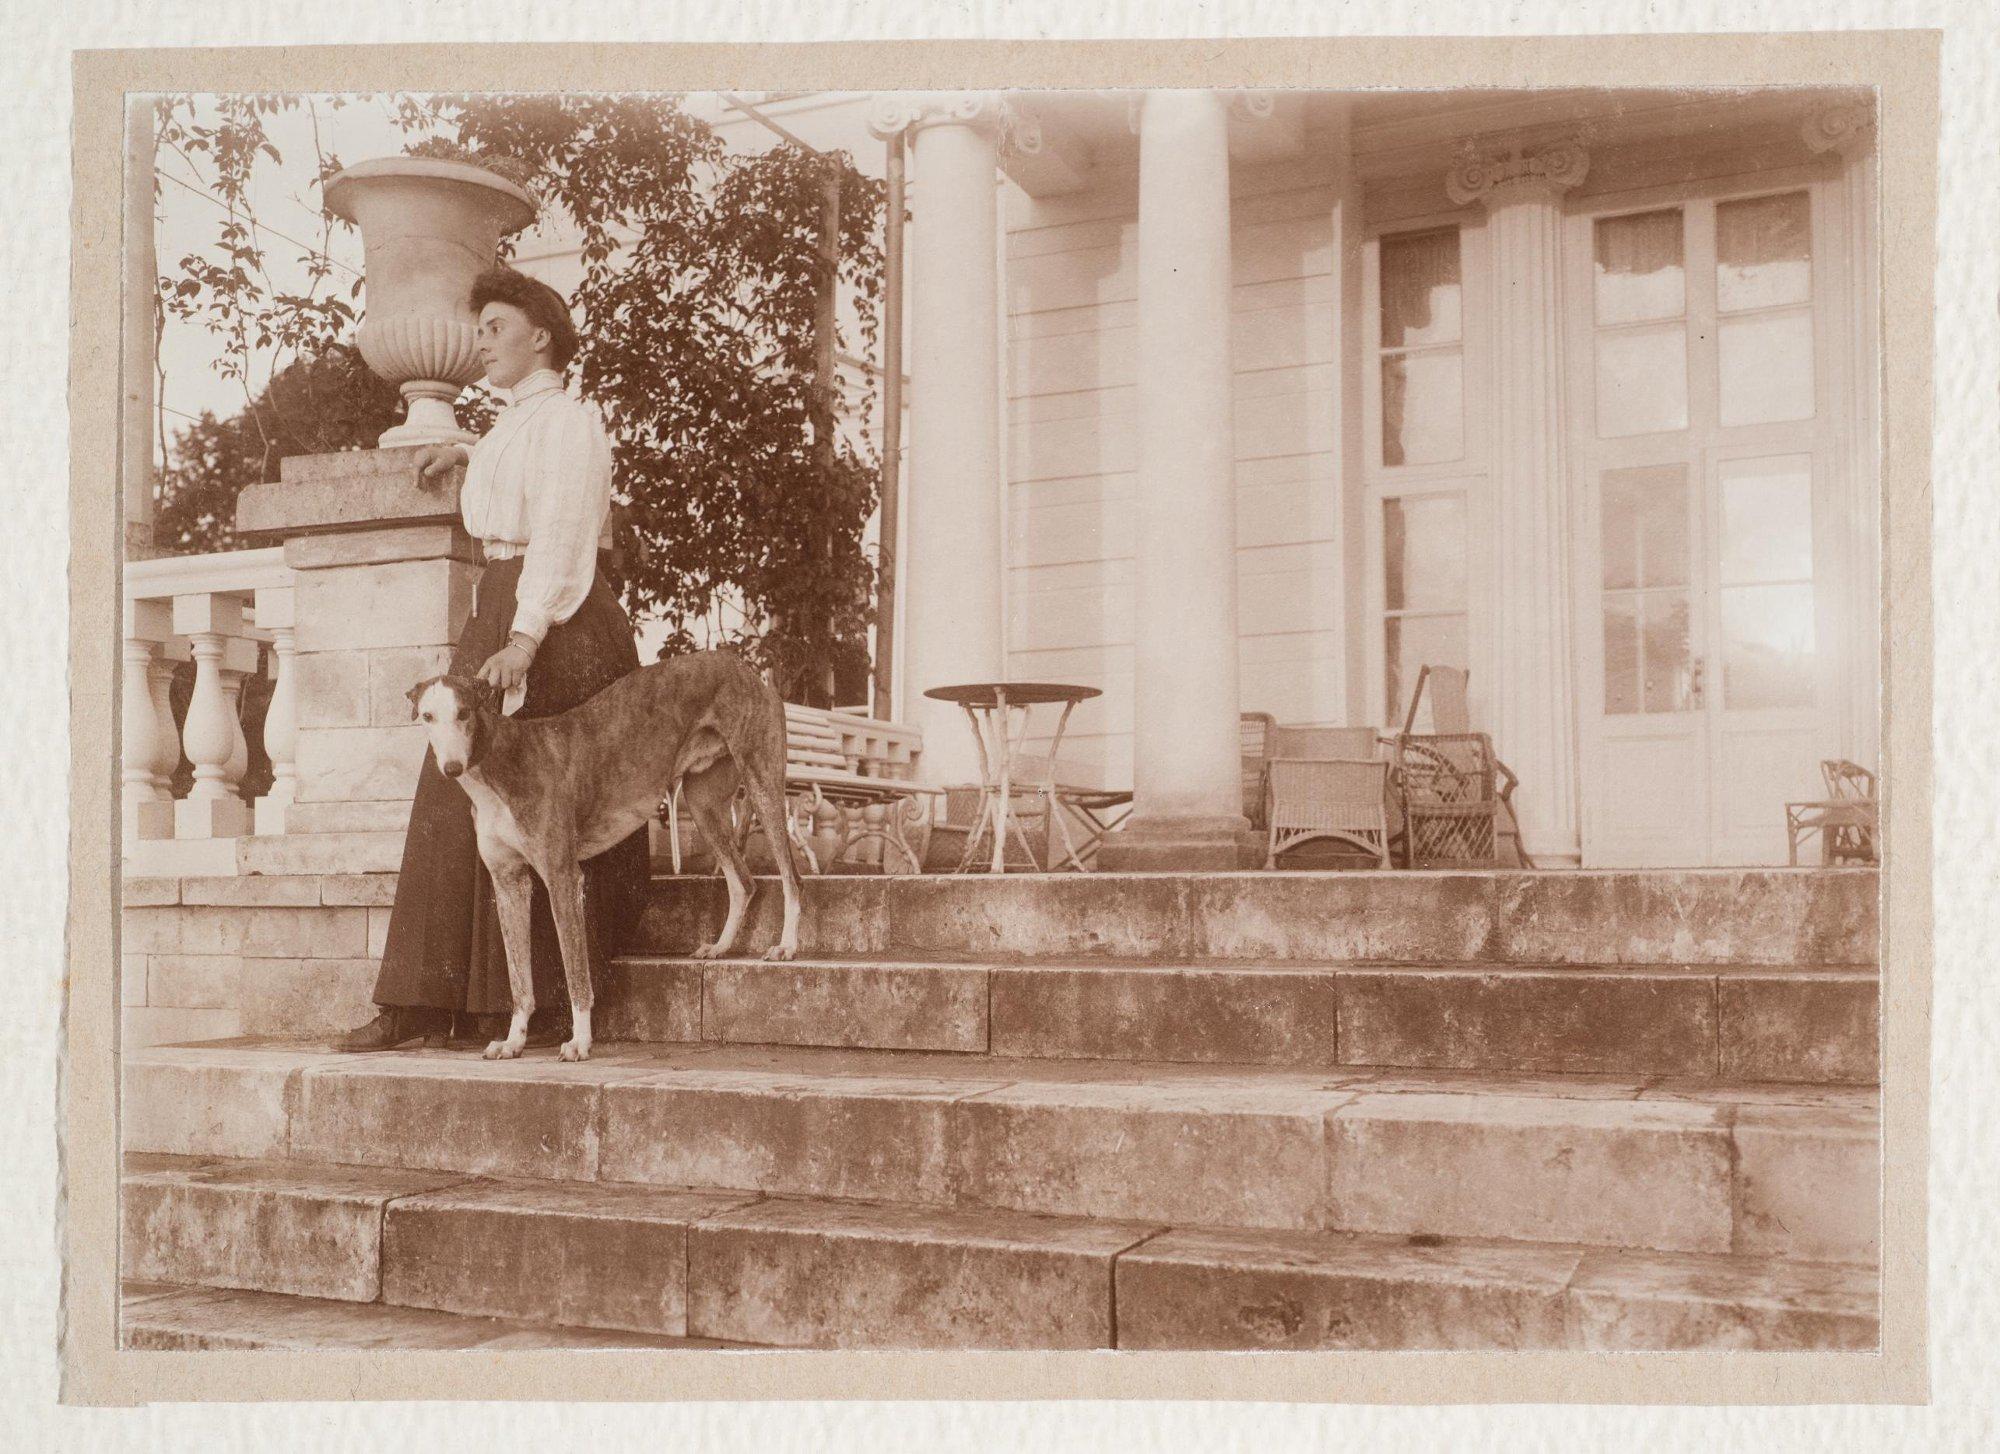 1910. Княжна Мария Николаевна Щербатова на лестнице в Братцеве